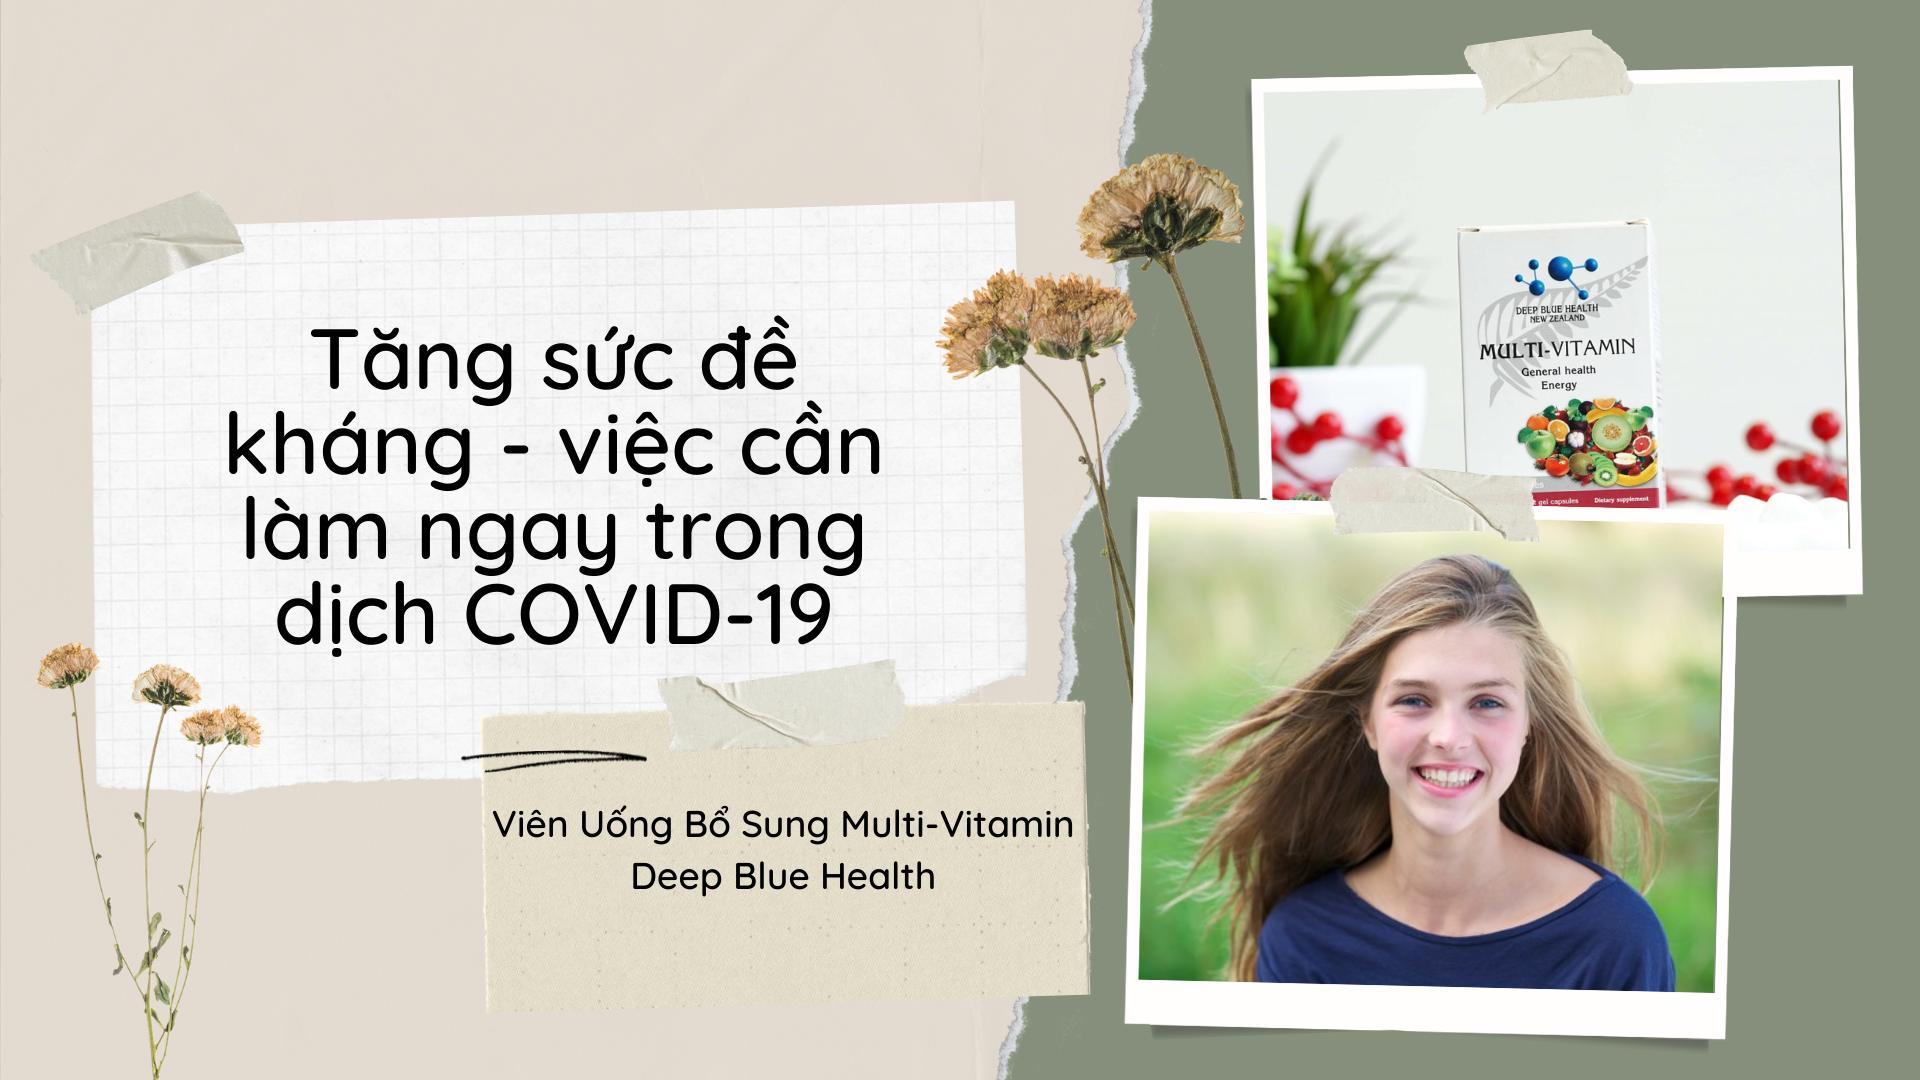 Tăng sức đề kháng - việc cần làm ngay trong dịch COVID-19